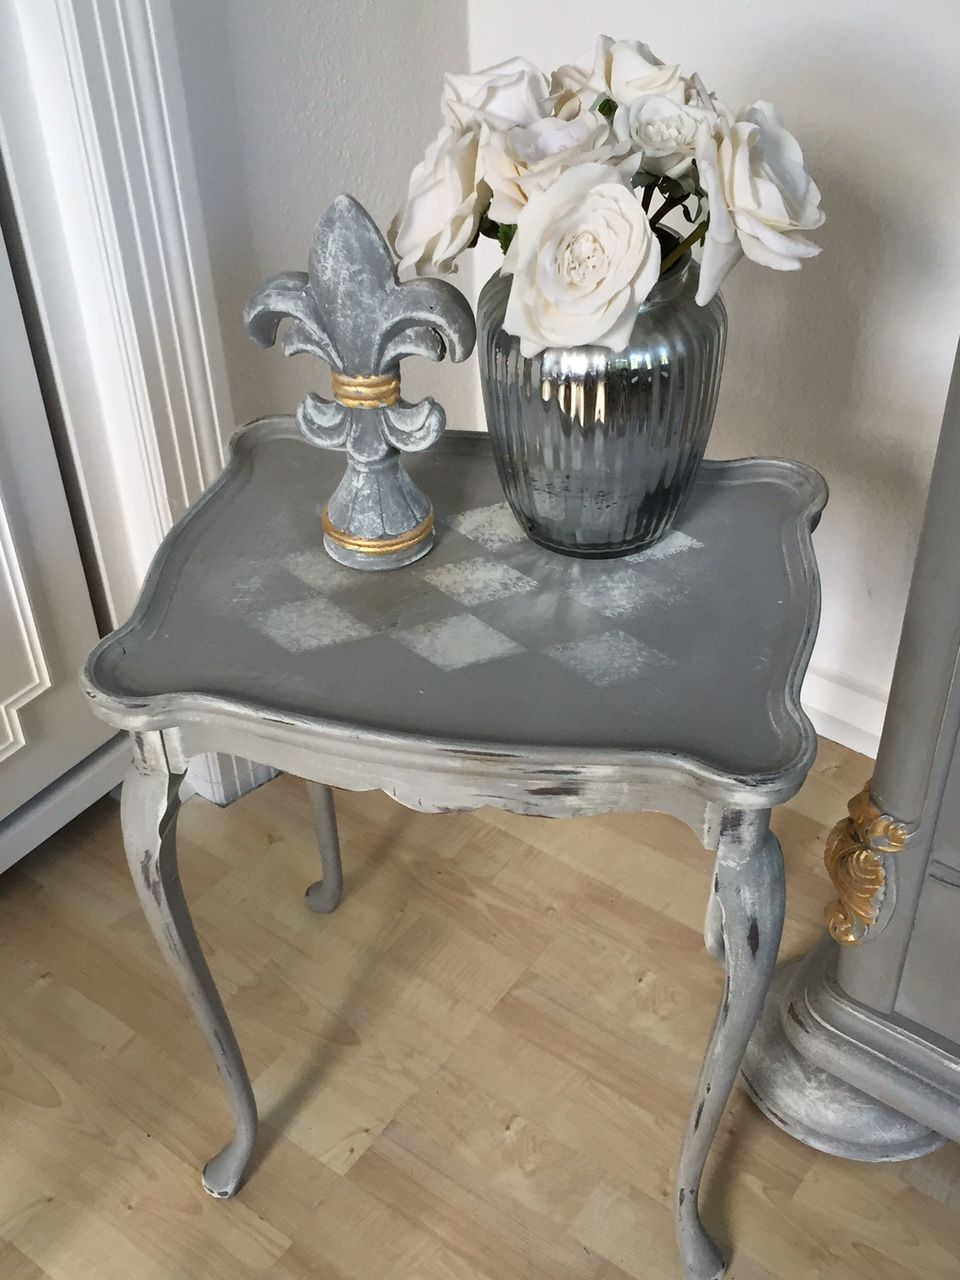 Beistelltisch Tisch Tischchen Shabby Chic Vintage Antik Grau Weiss Raute Diy Kreidefarbe Harvestehude Hamburg The Vintage Clu Graue Mobel Diy Kreidefarbe Shabby